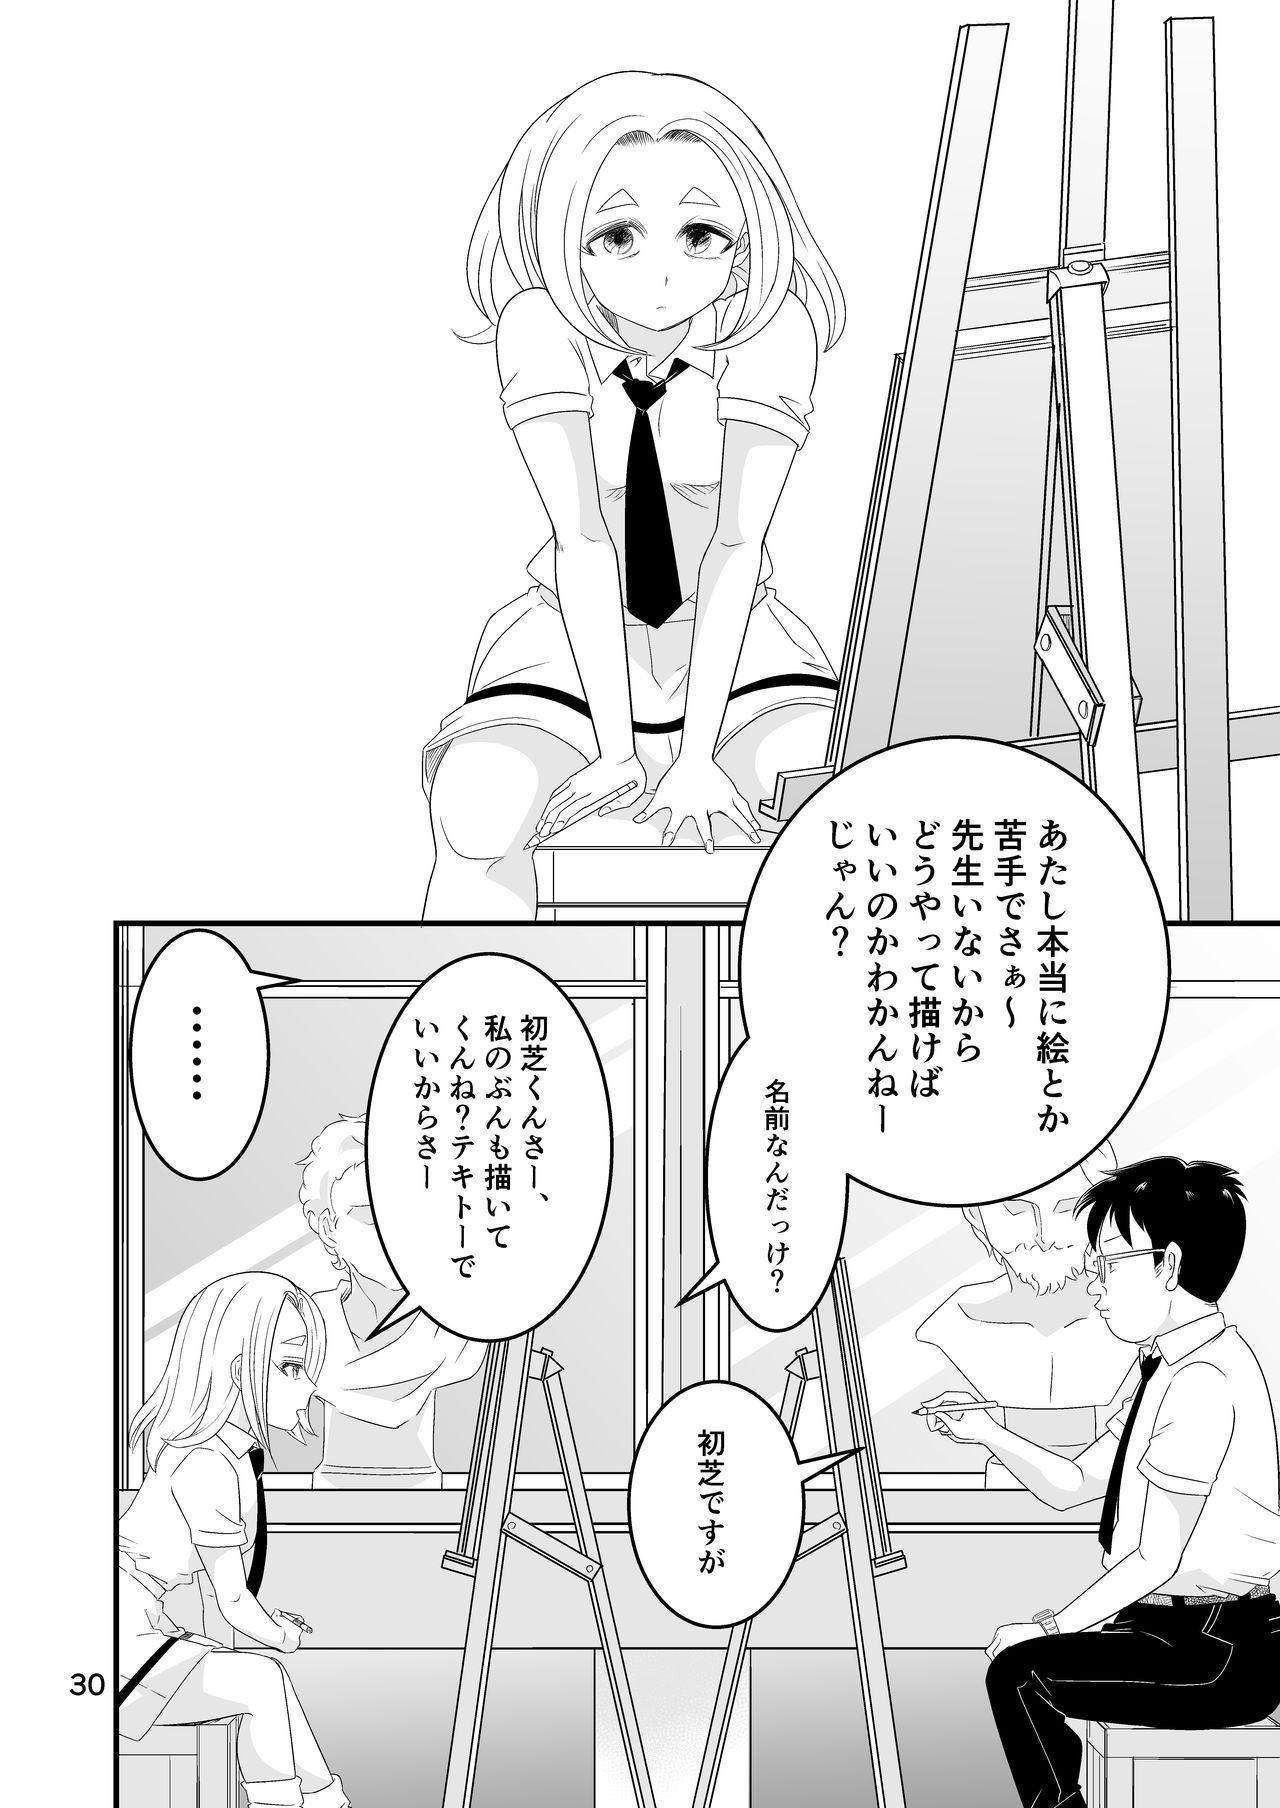 Watamote Seishun Omnibus 29